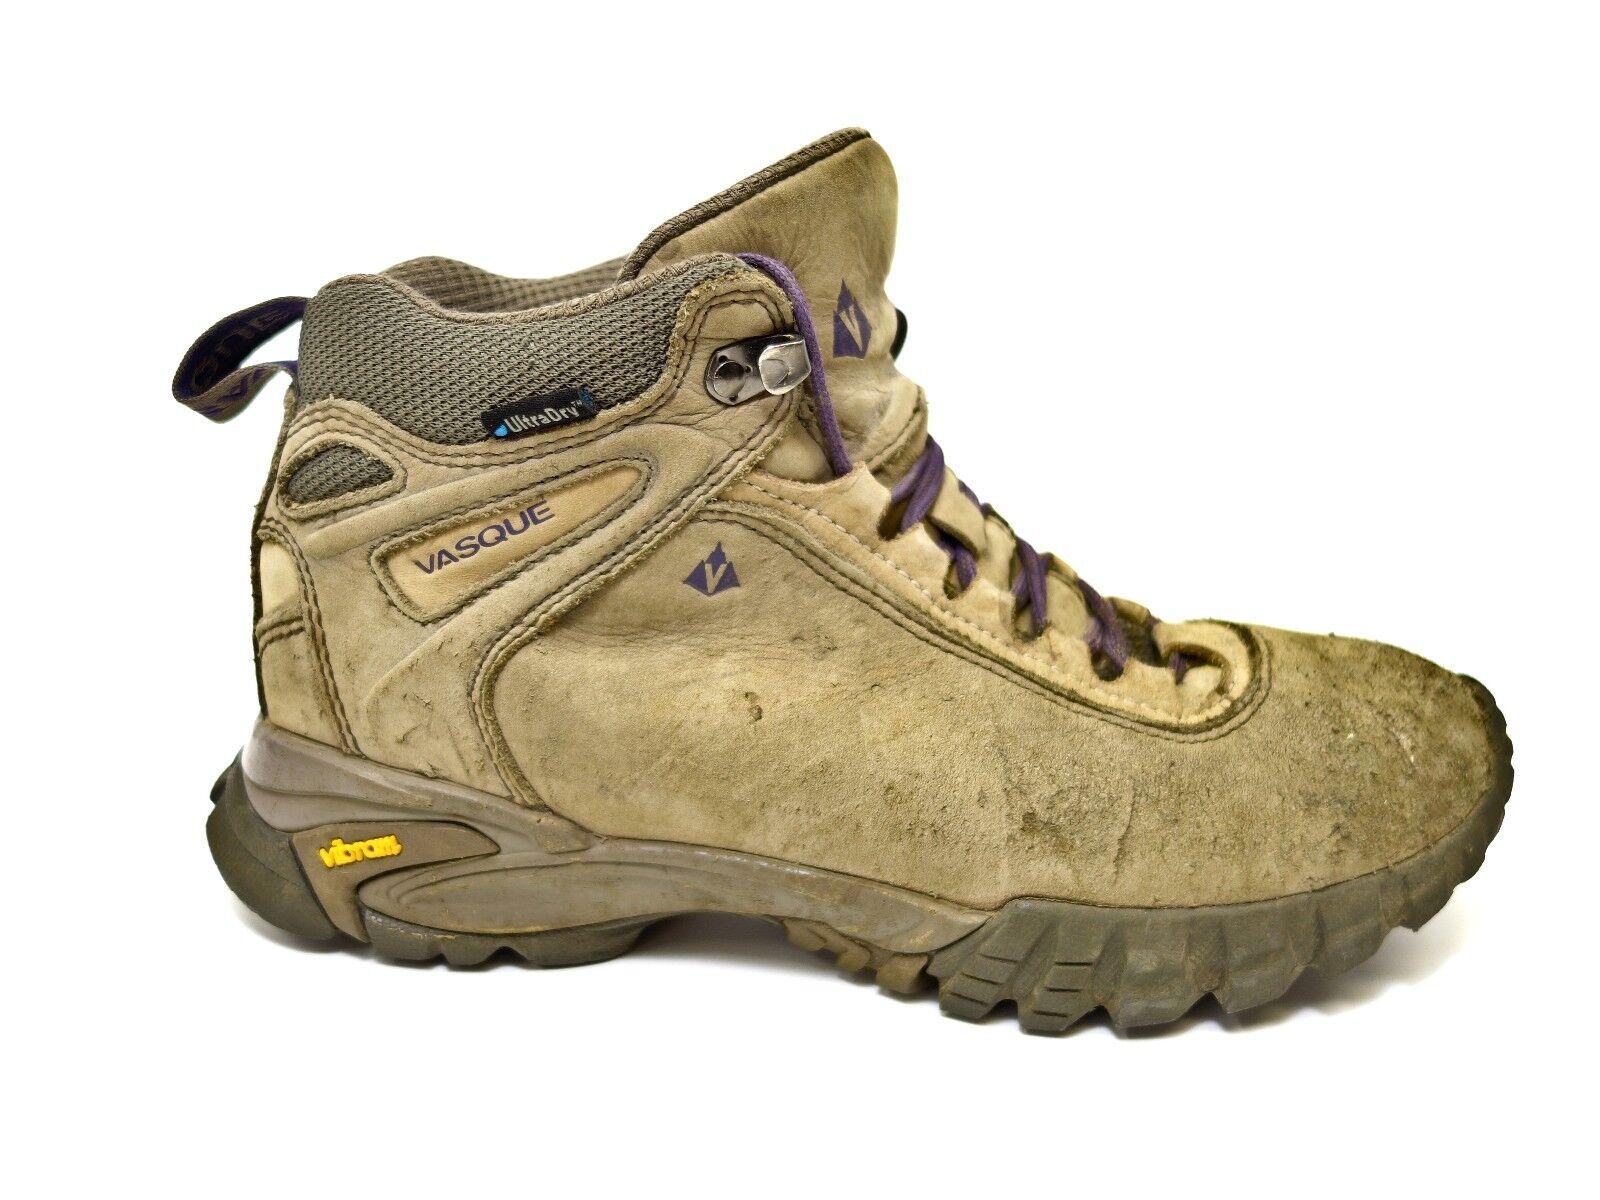 Vasque señora talus ultradry WP WP WP cuero acolchada senderismo exterior botas talla  tienda hace compras y ventas